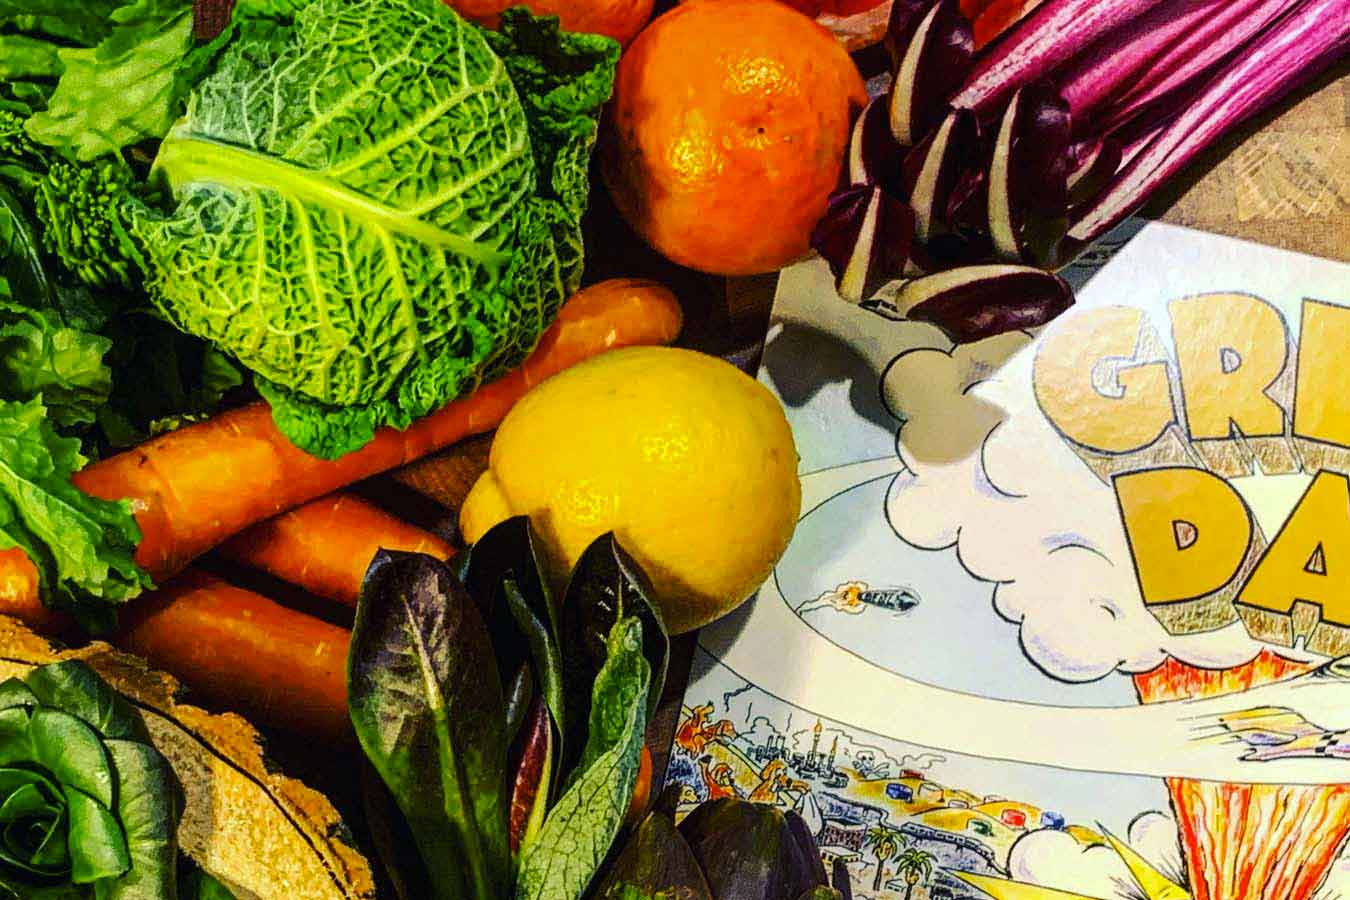 Le stagioni in tavola: Inverno. Frutta, ortaggi di stagione